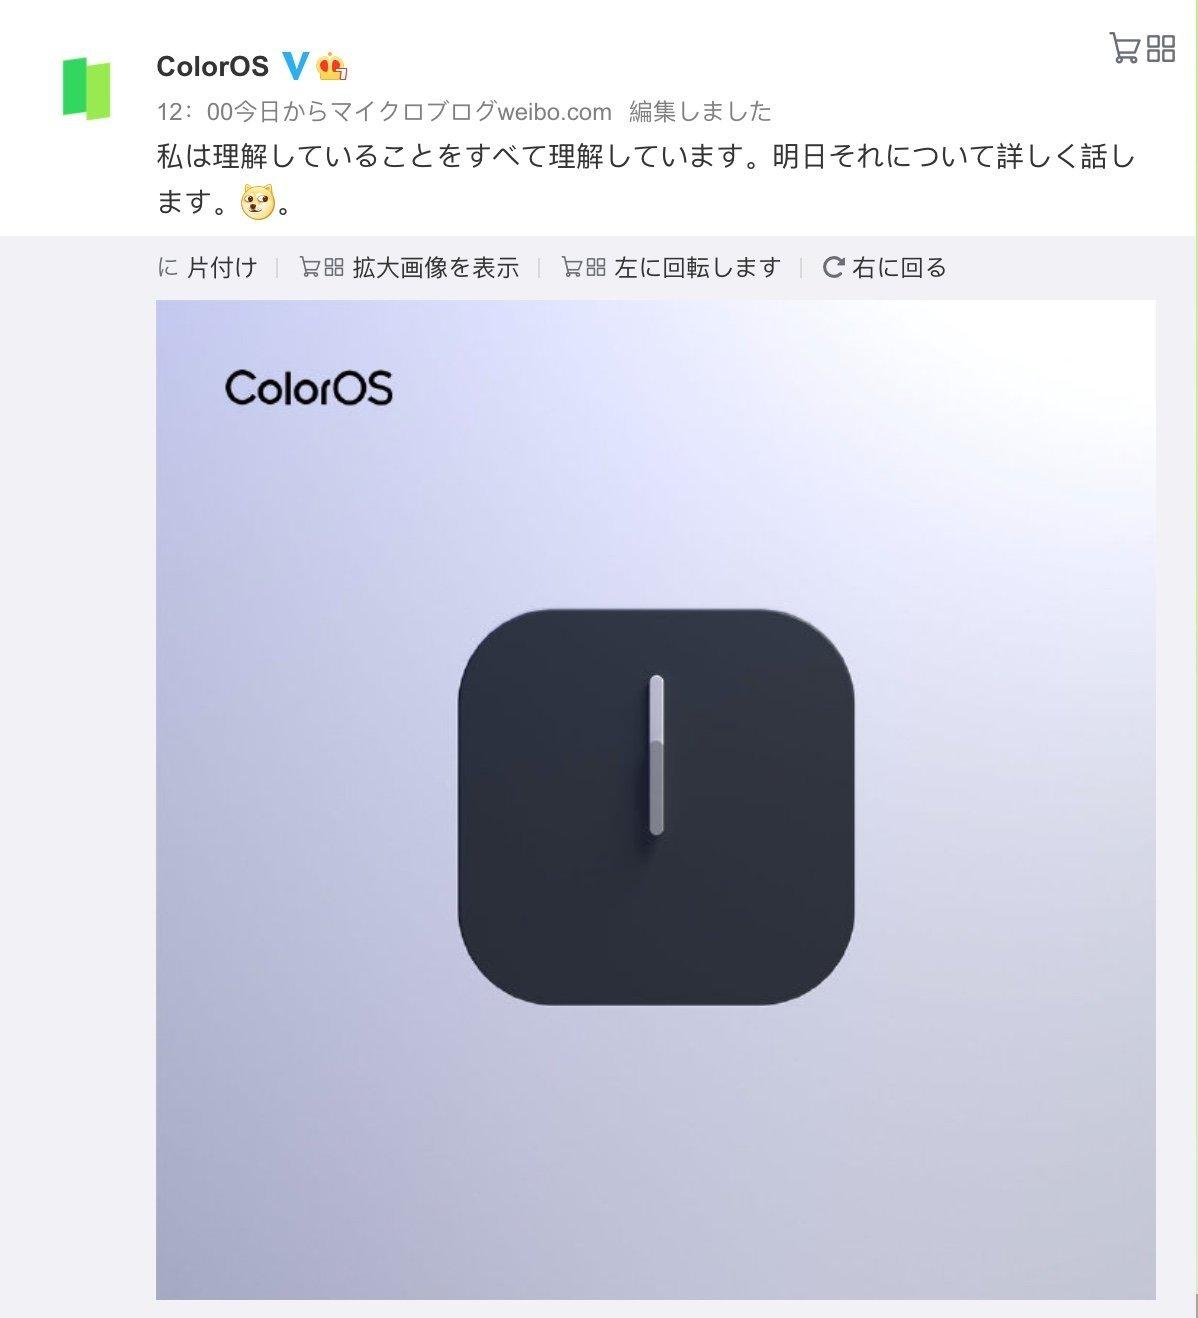 f:id:Azusa_Hirano:20210906215048j:plain